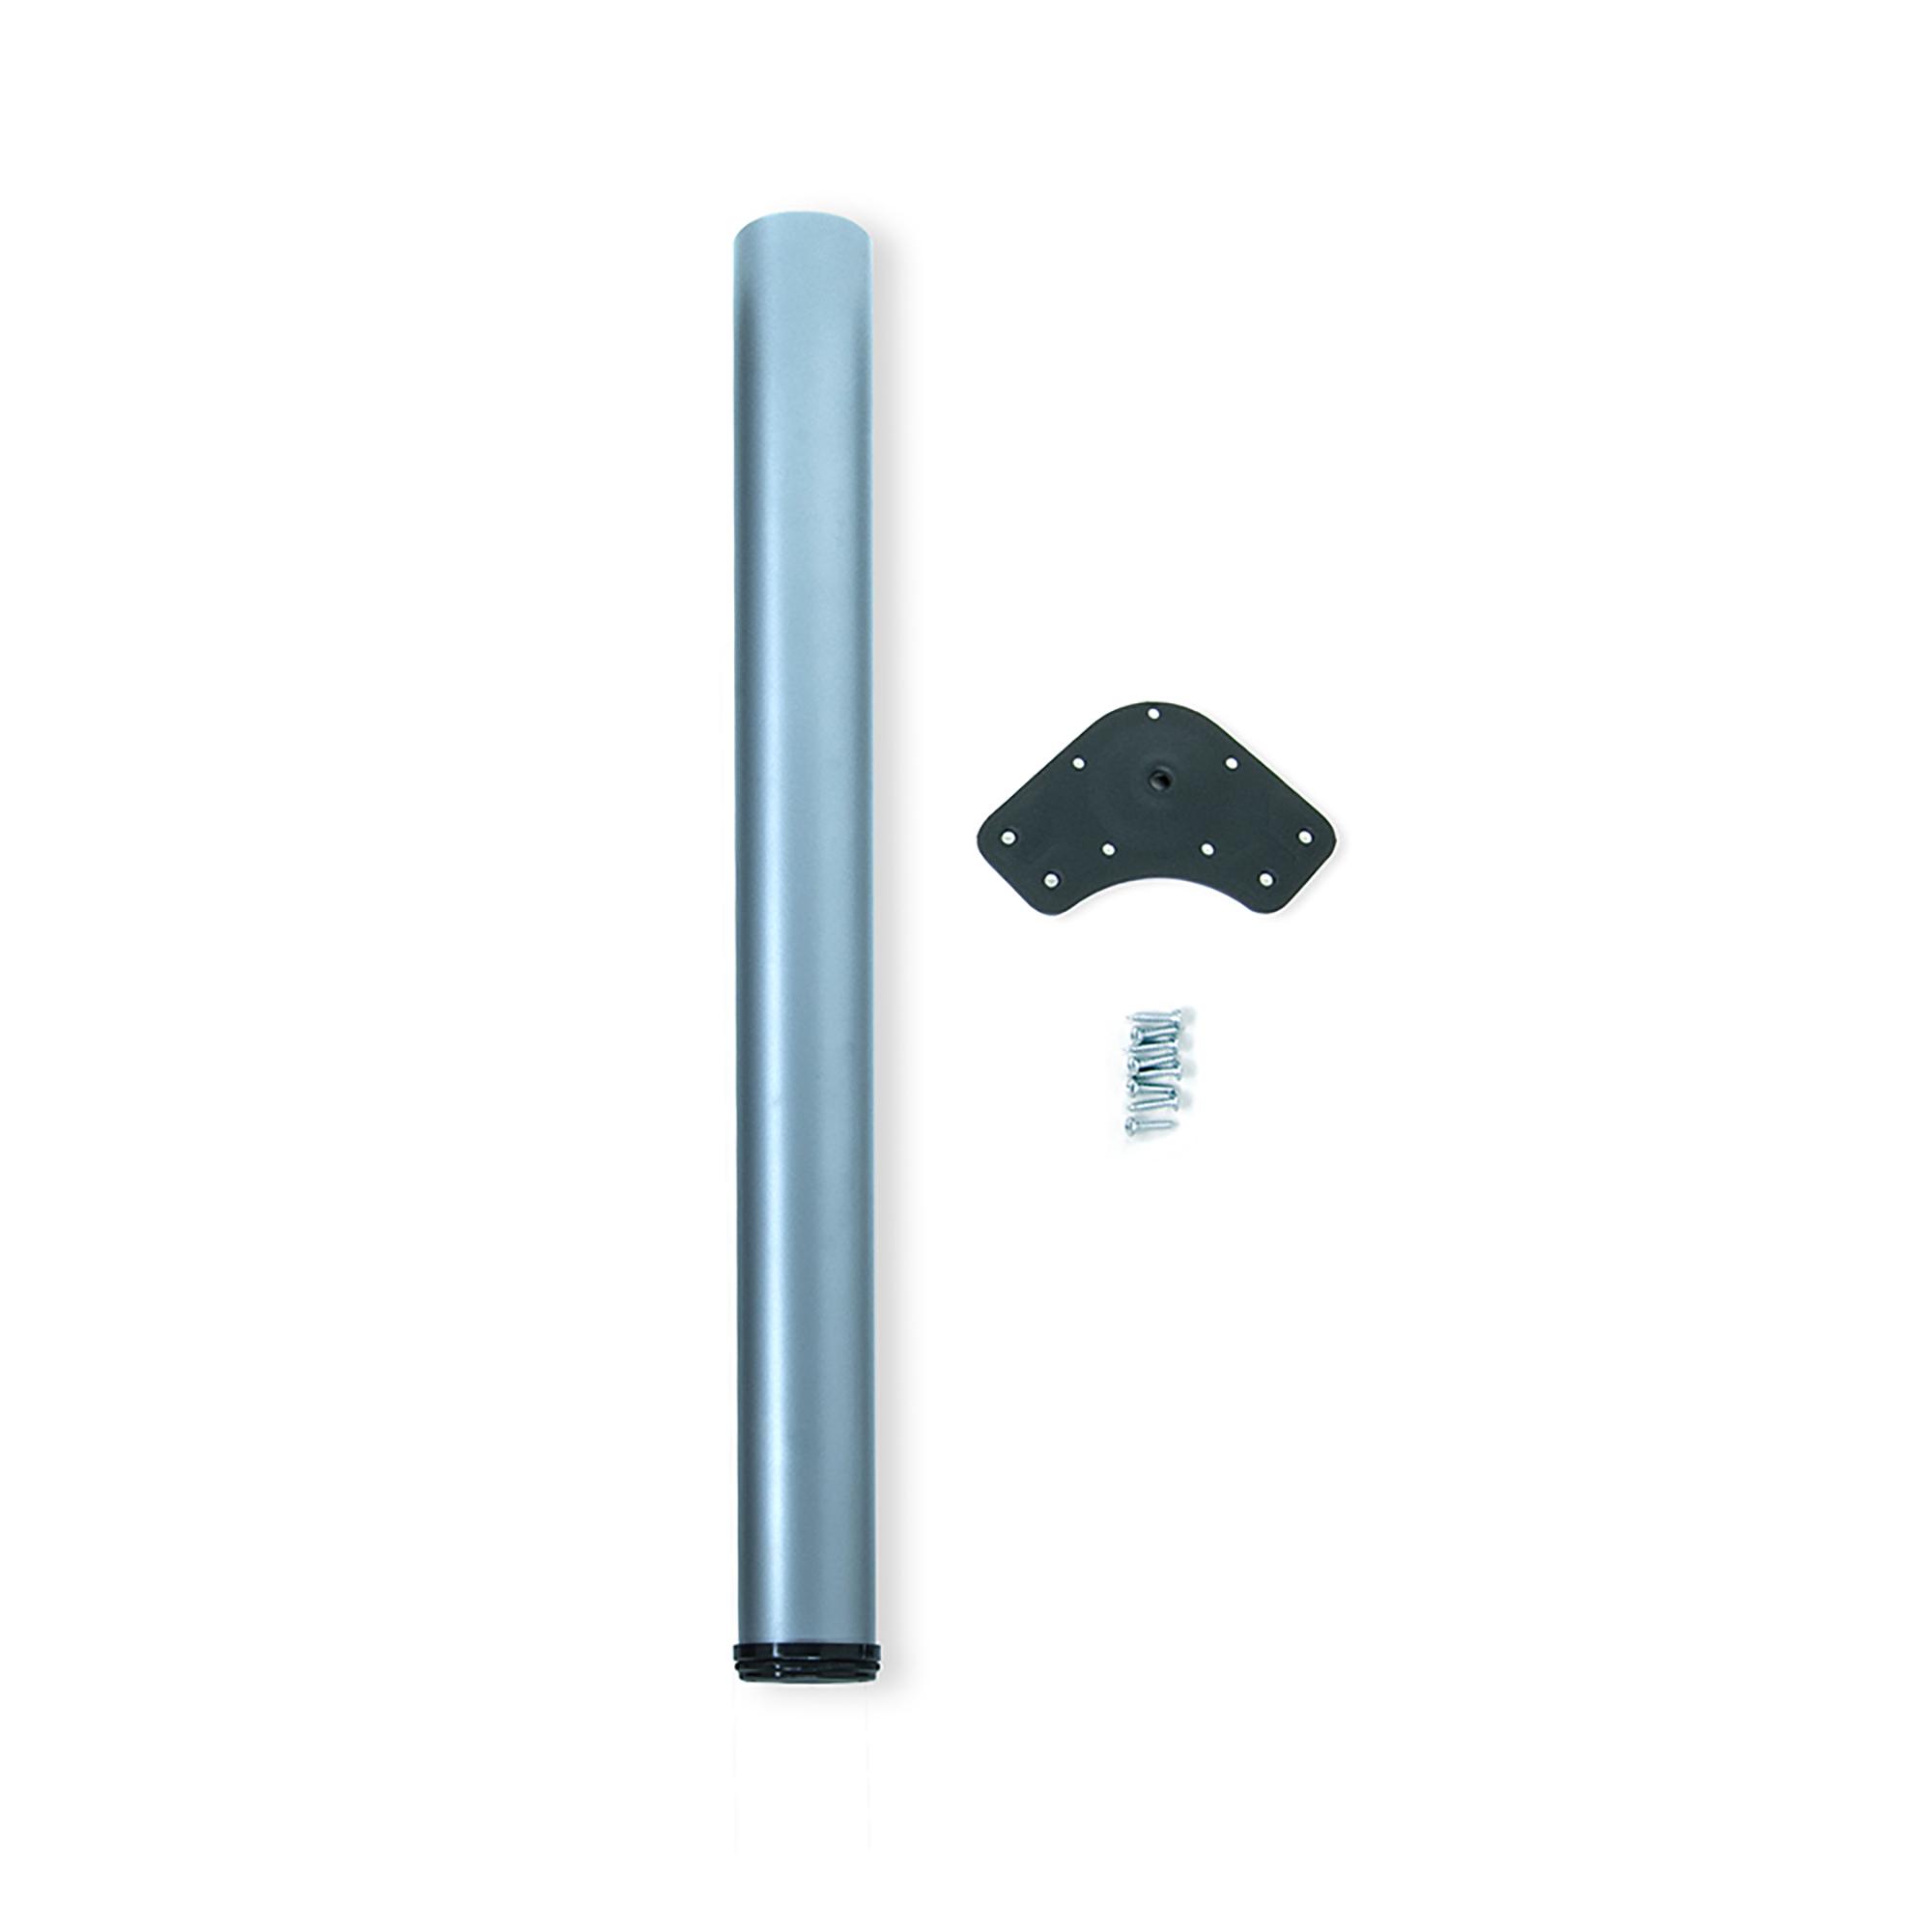 Emuca Gamba per tavolo, D. 80 mm, regolabile 1.100-1.130 mm, Acciaio, Grigio metallizzato